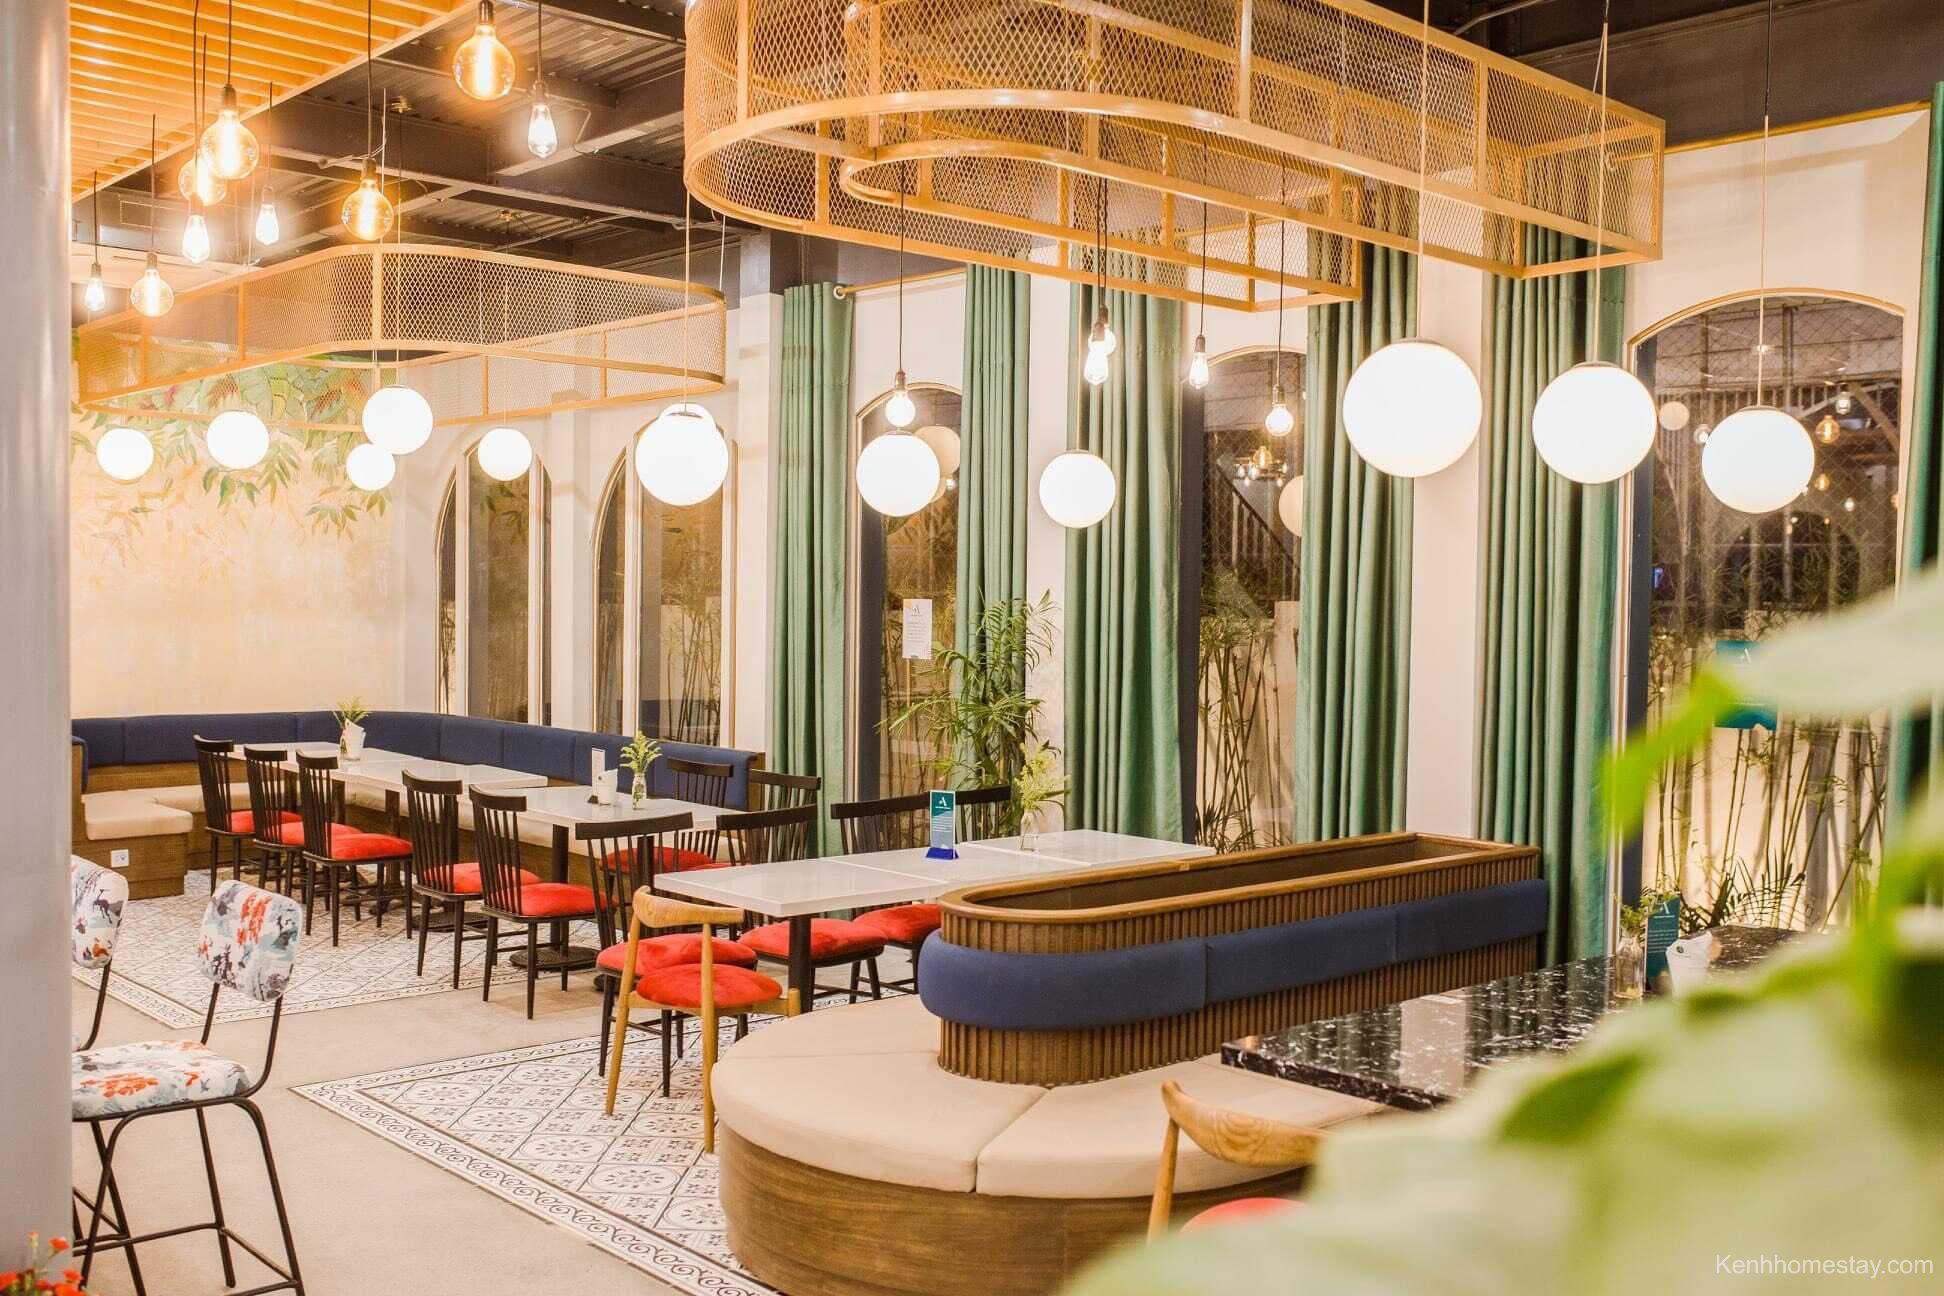 The Ayatt Coffee với không gian hiện đại và sang trọng